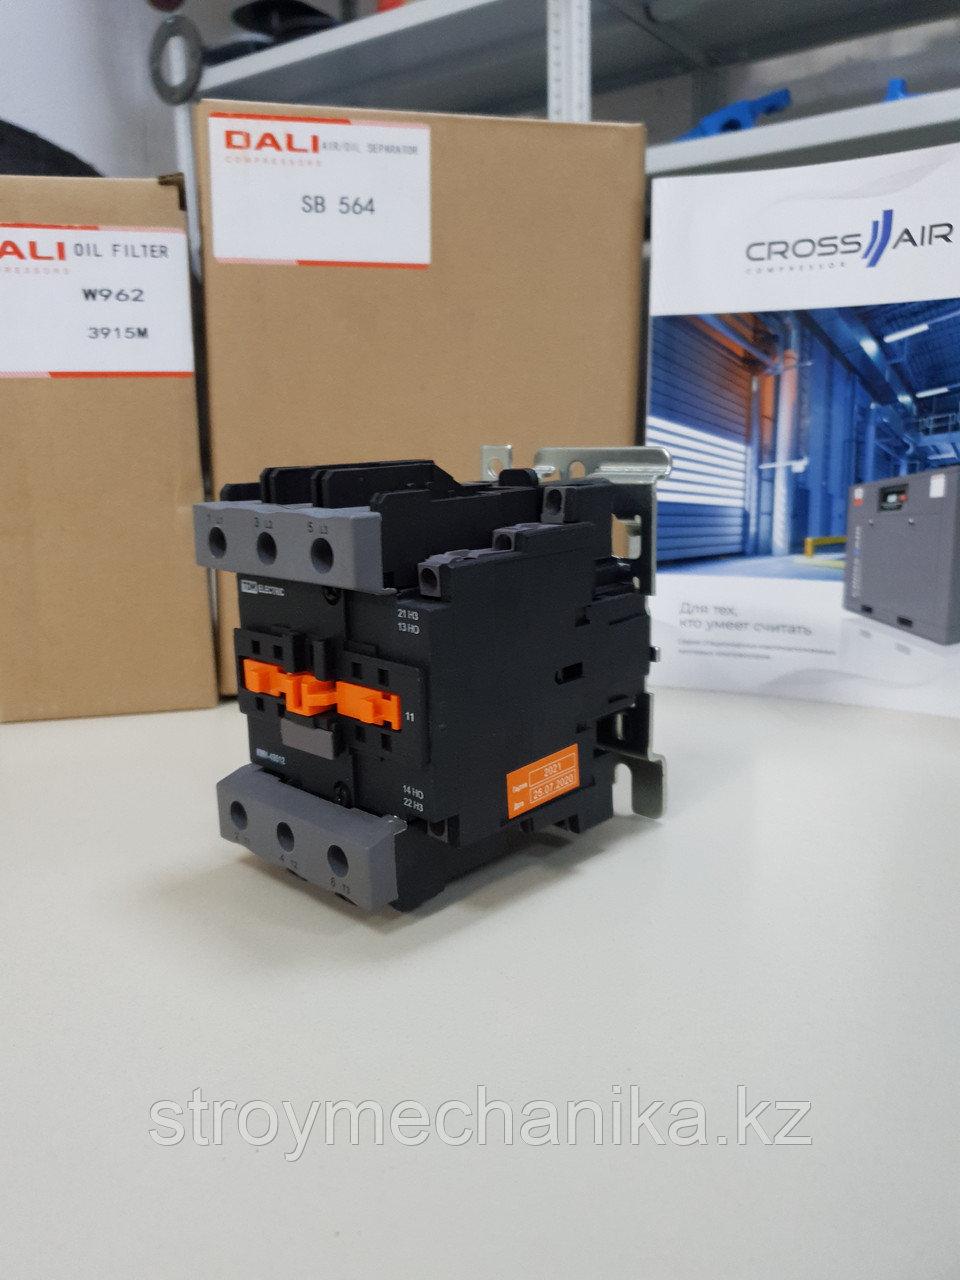 Контактор (Пускатель) для винтового компрессора 30 кВт, 37 кВт, 45 кВт Dali, Crossair